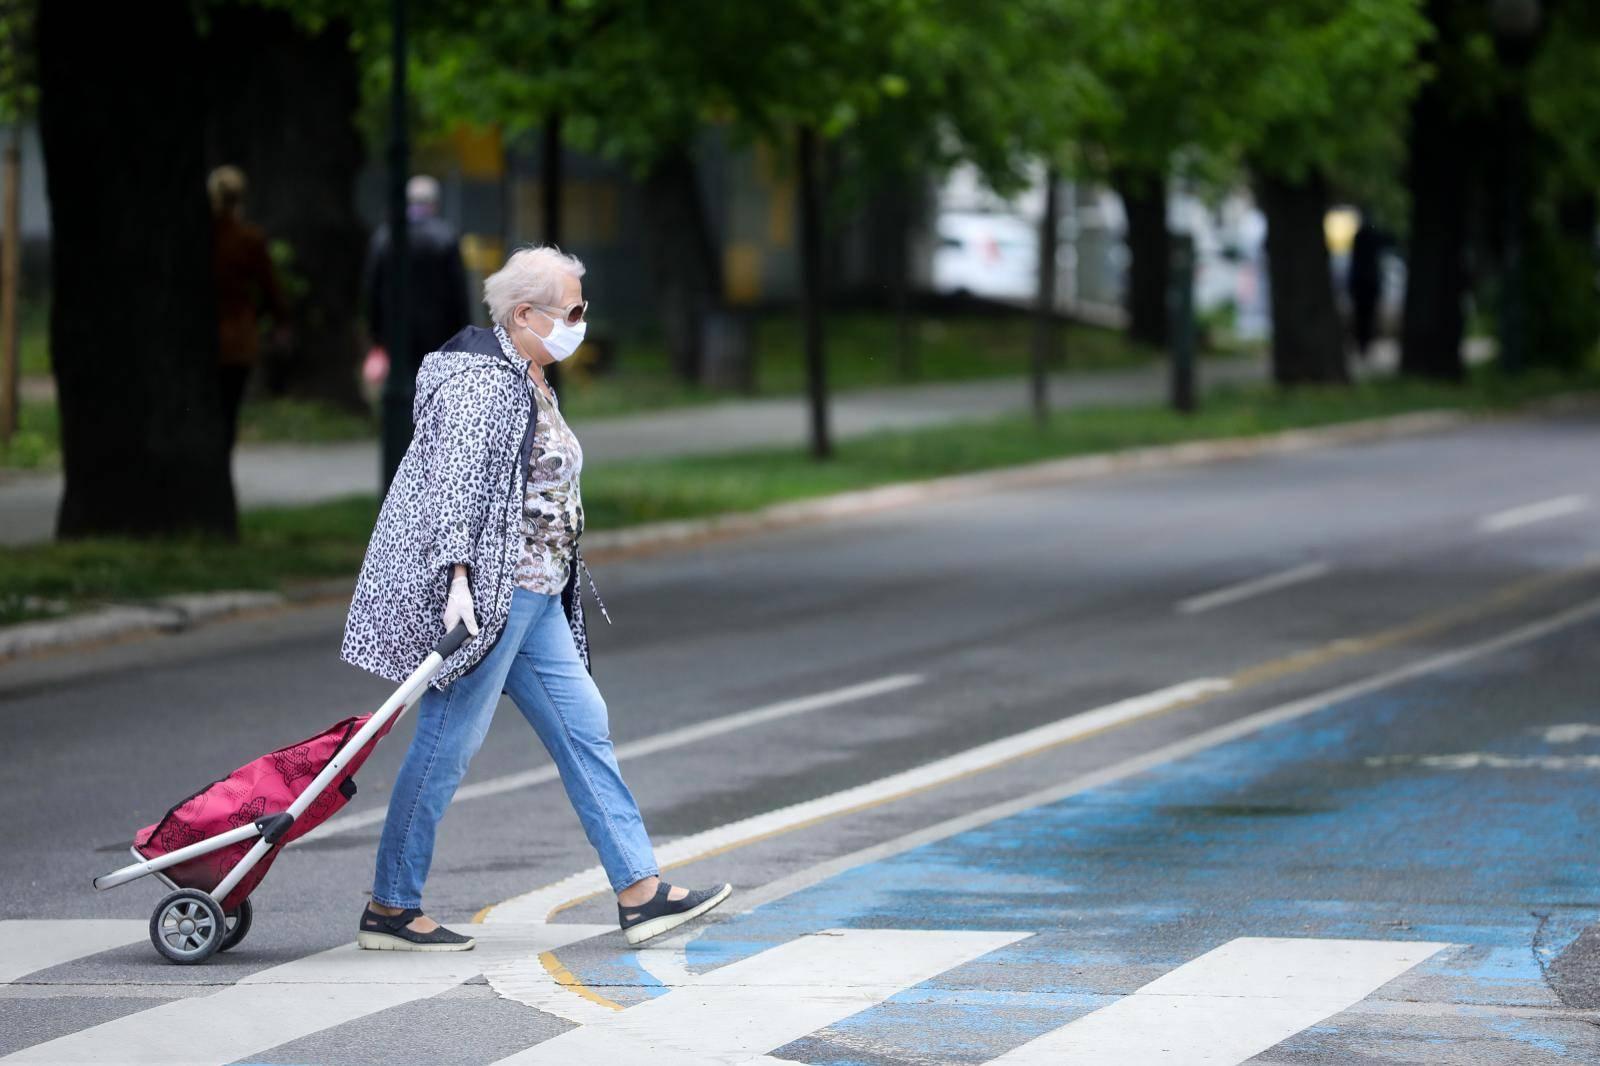 Sarajevo: Starijima od 65 godina dozvoljen izlazak tri dana u tjednu od 9-13 sati